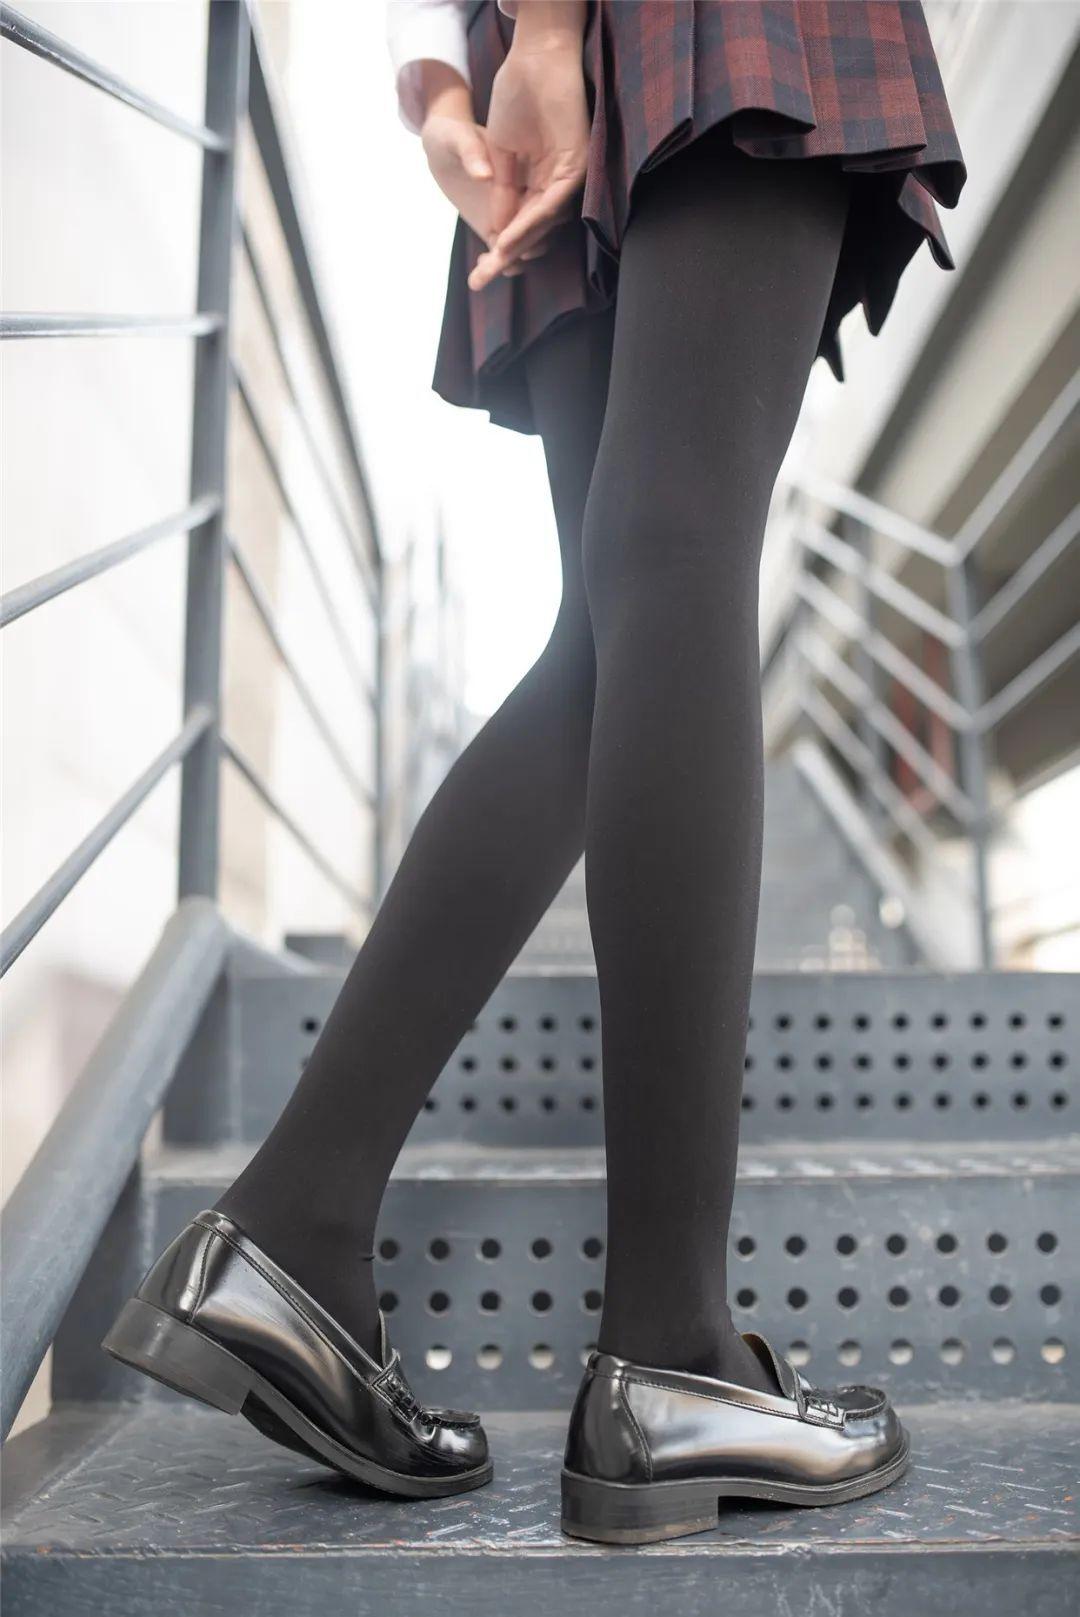 妹子摄影 – 可可爱爱黑白丝袜JK短裙女孩_图片 No.8